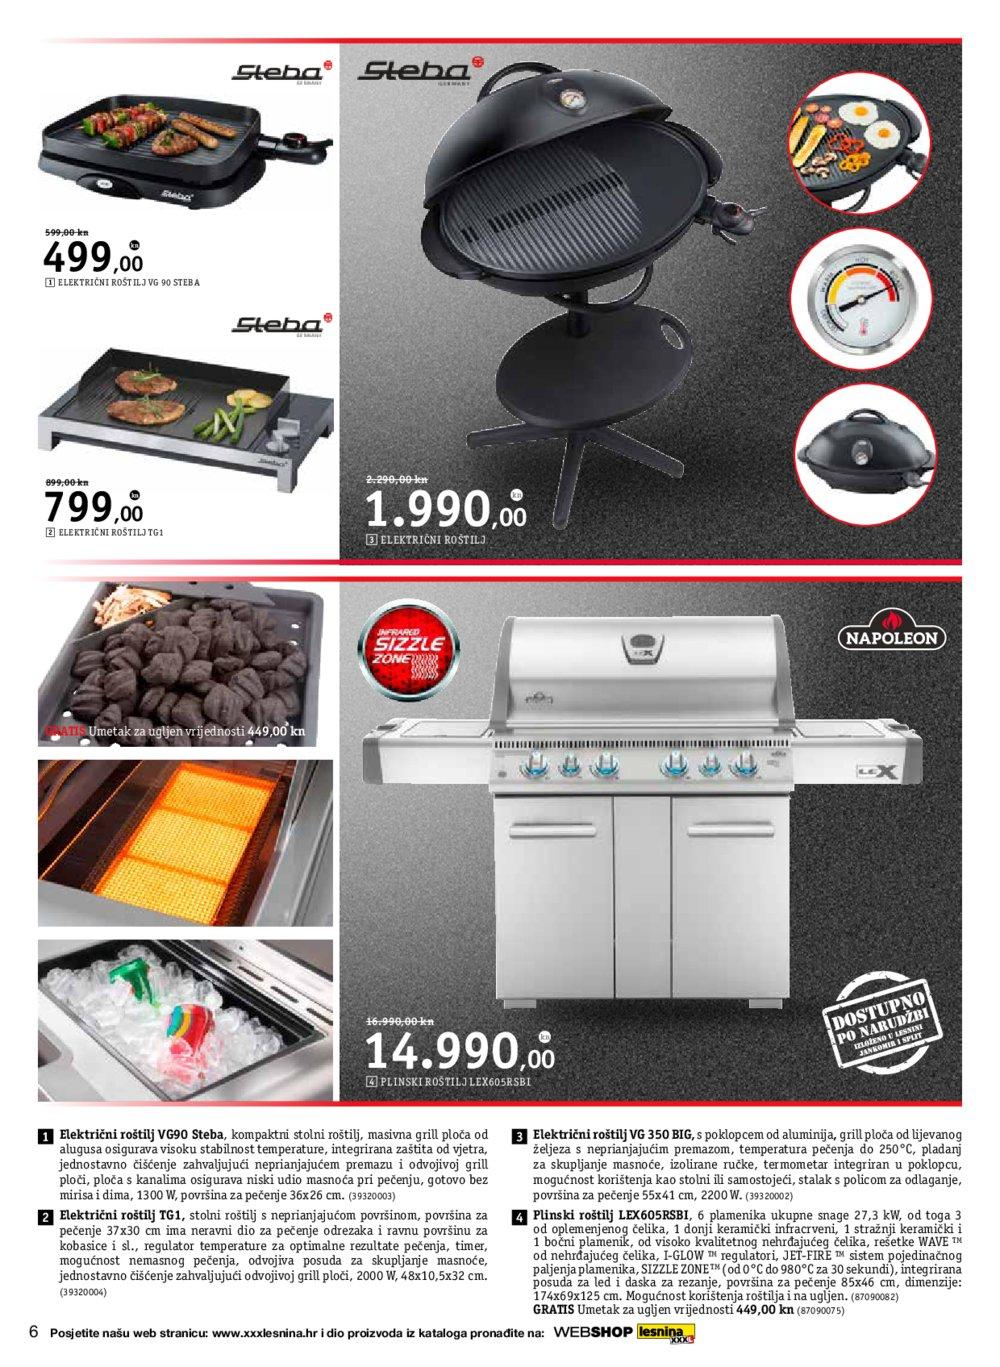 Lesnina katalog Uživanje na otvorenom od 02.05.2017. do 31.05.2017.